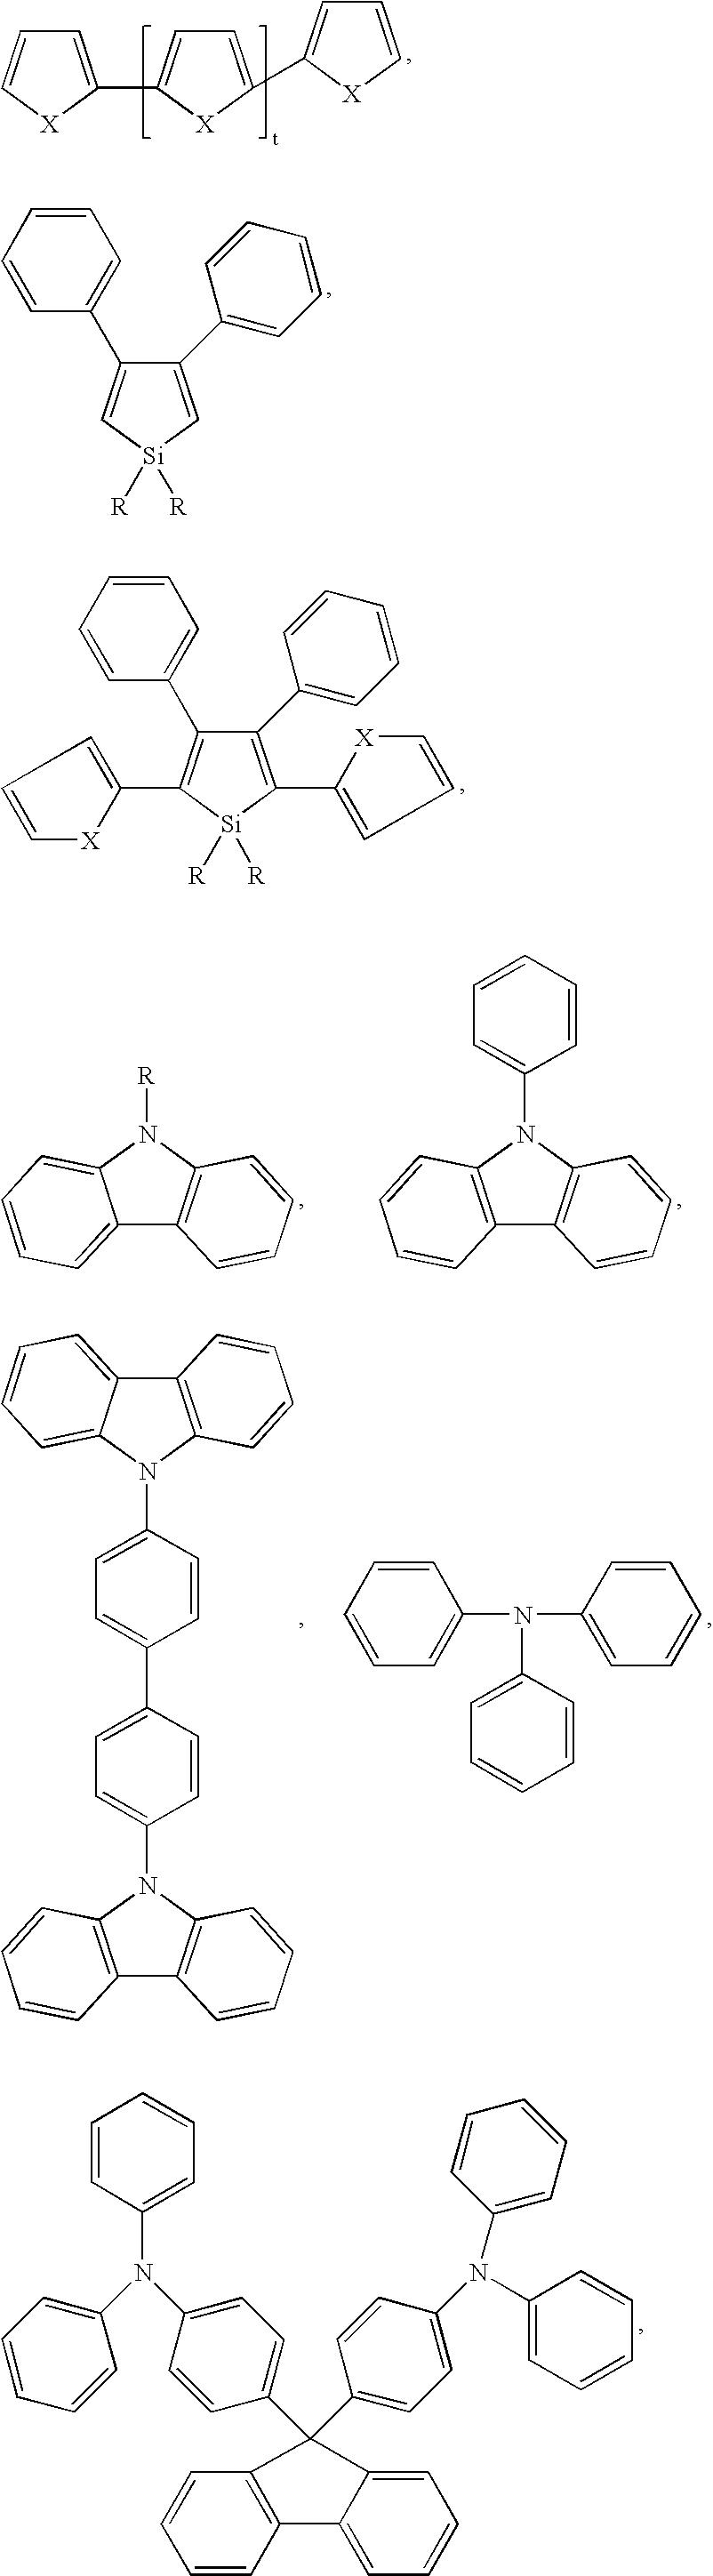 Figure US20070107835A1-20070517-C00034